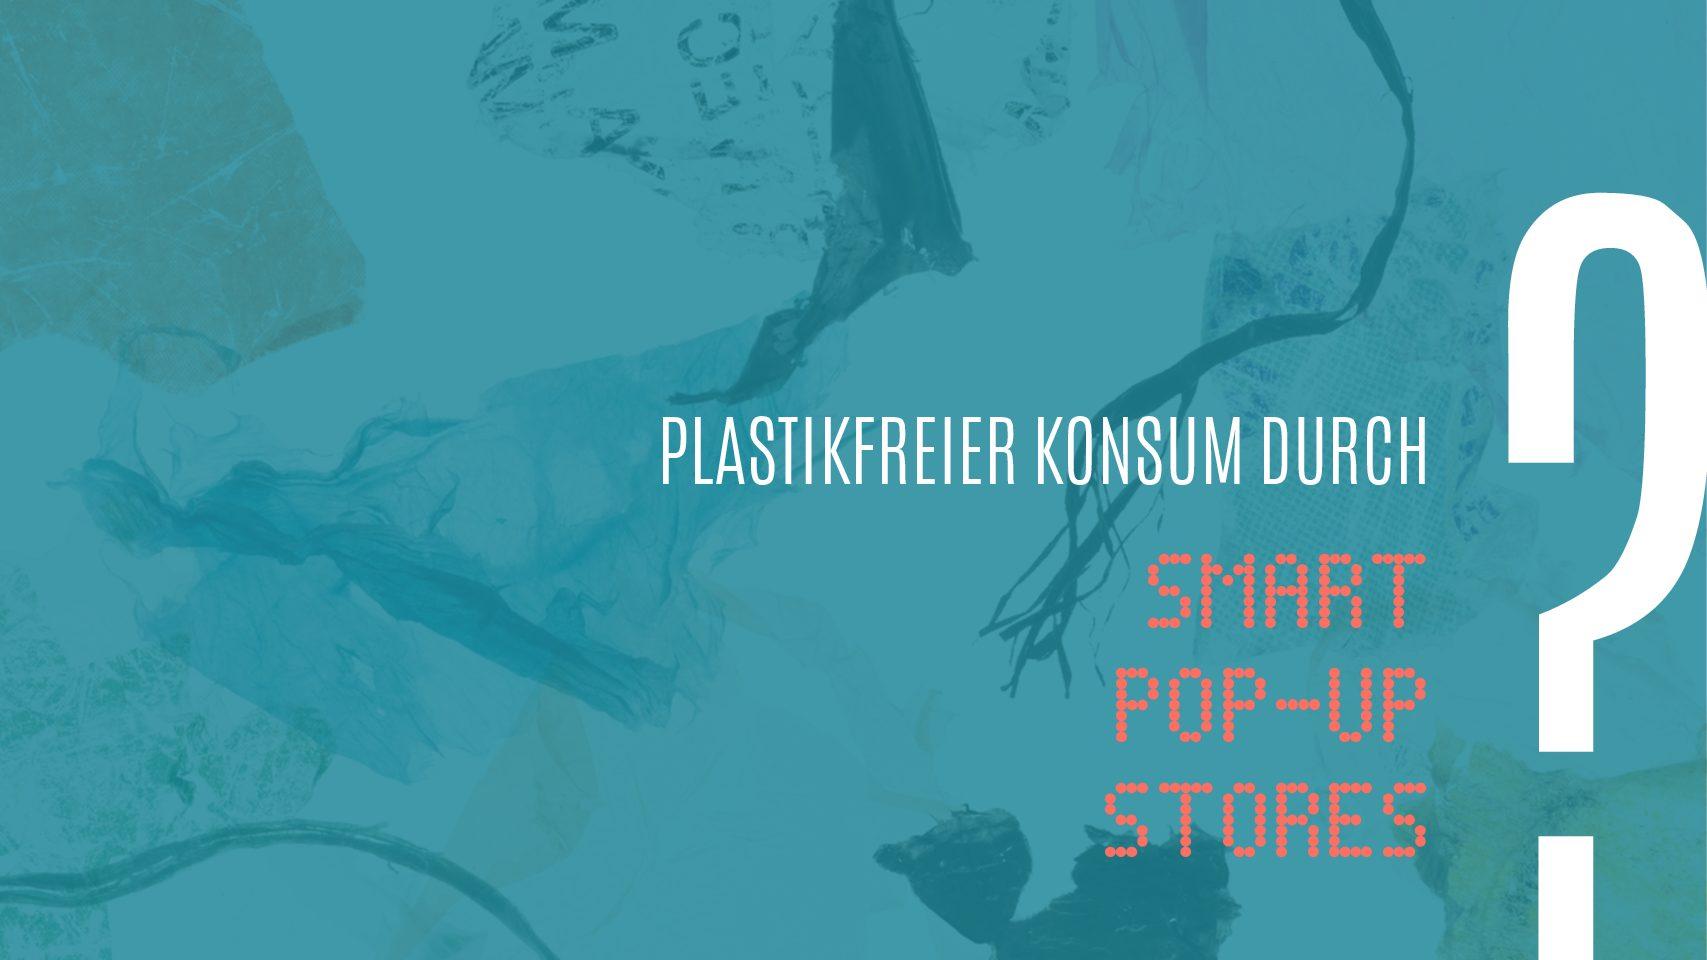 Plastikfreier Konsum durch smarte Pop-up Stores